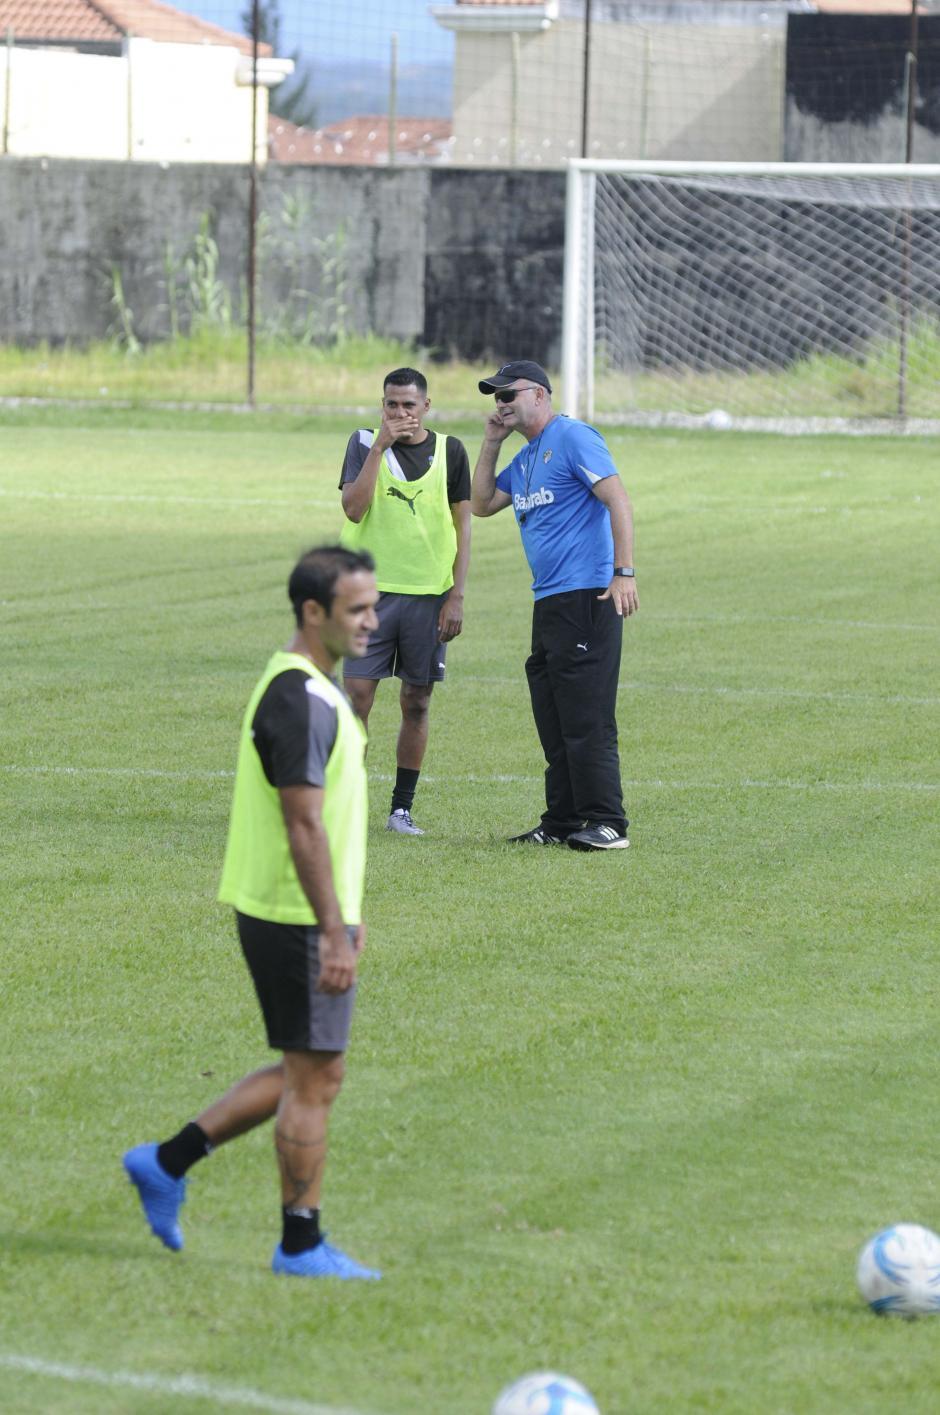 """Sopegno habló en la semana y afirmó que """"no hay problemas"""". (Foto: Orlando Chile/Nuestro Diario)"""